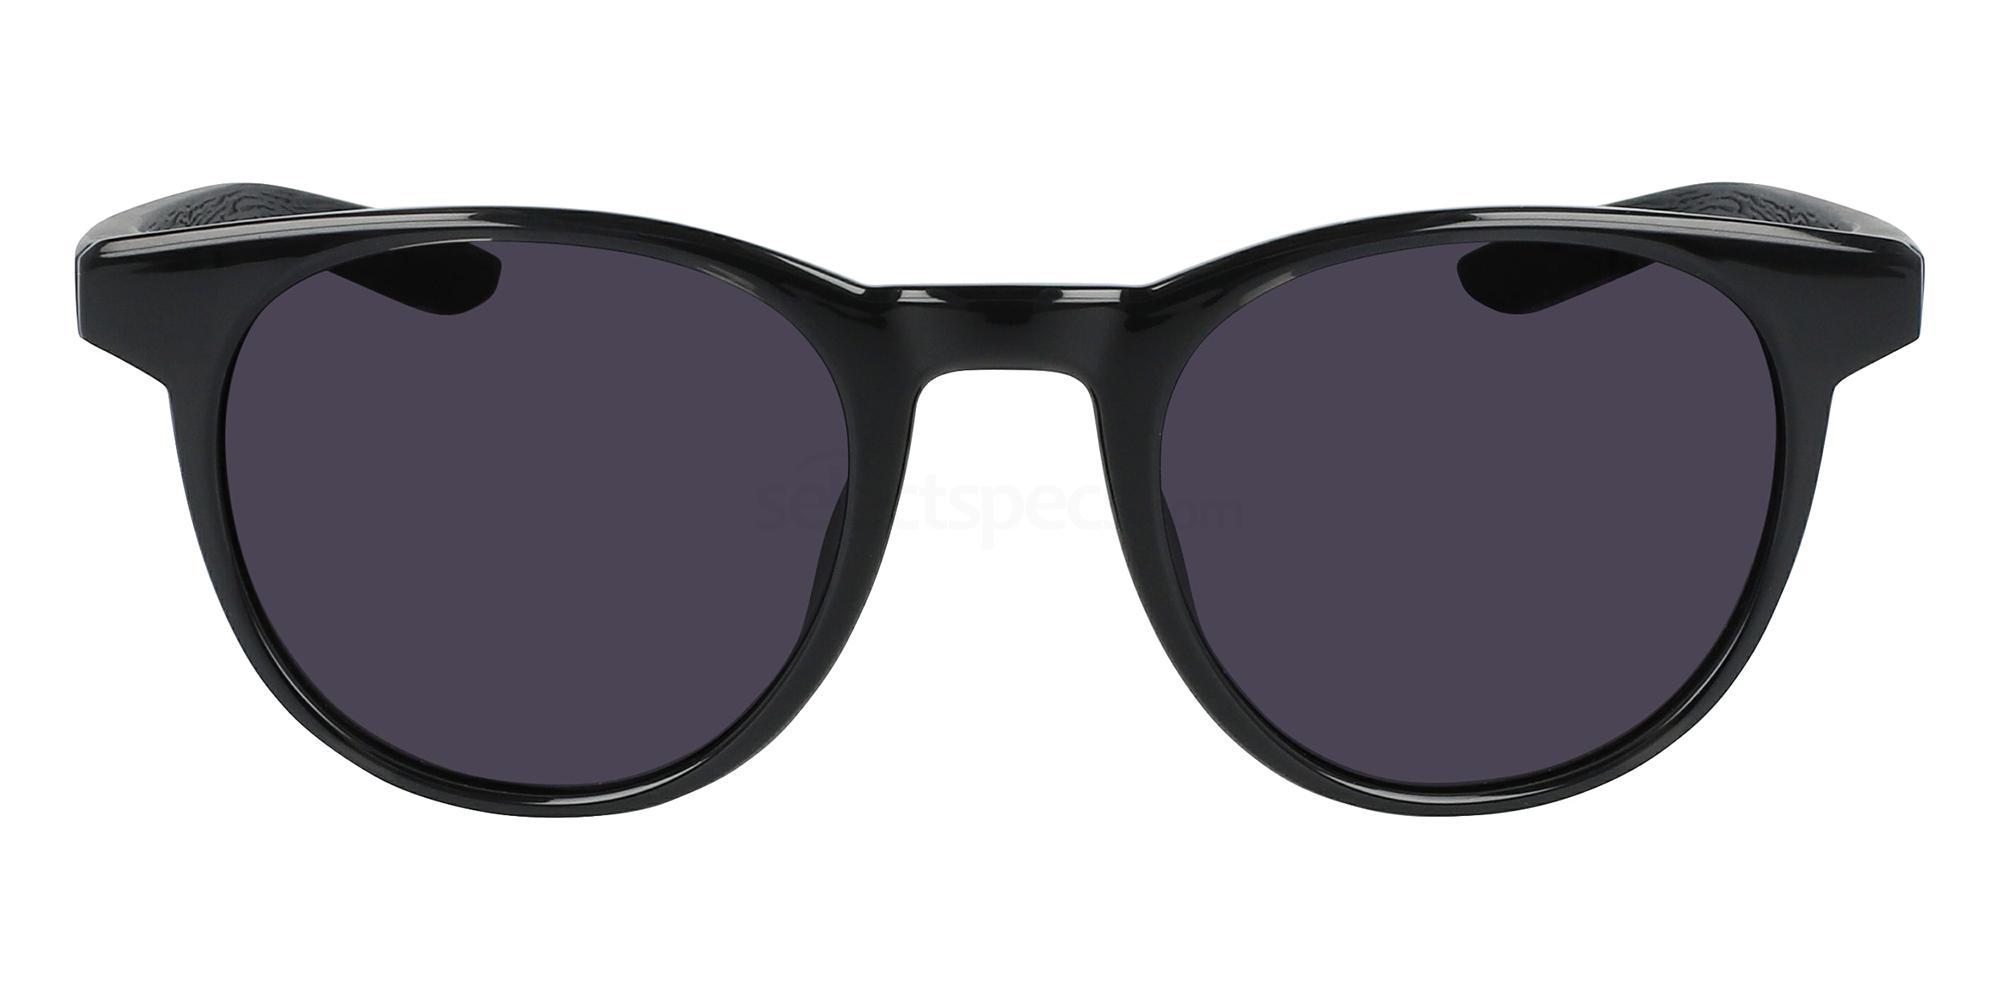 010 NIKE HORIZON ASCENT S DJ9936 Sunglasses, Nike KIDS